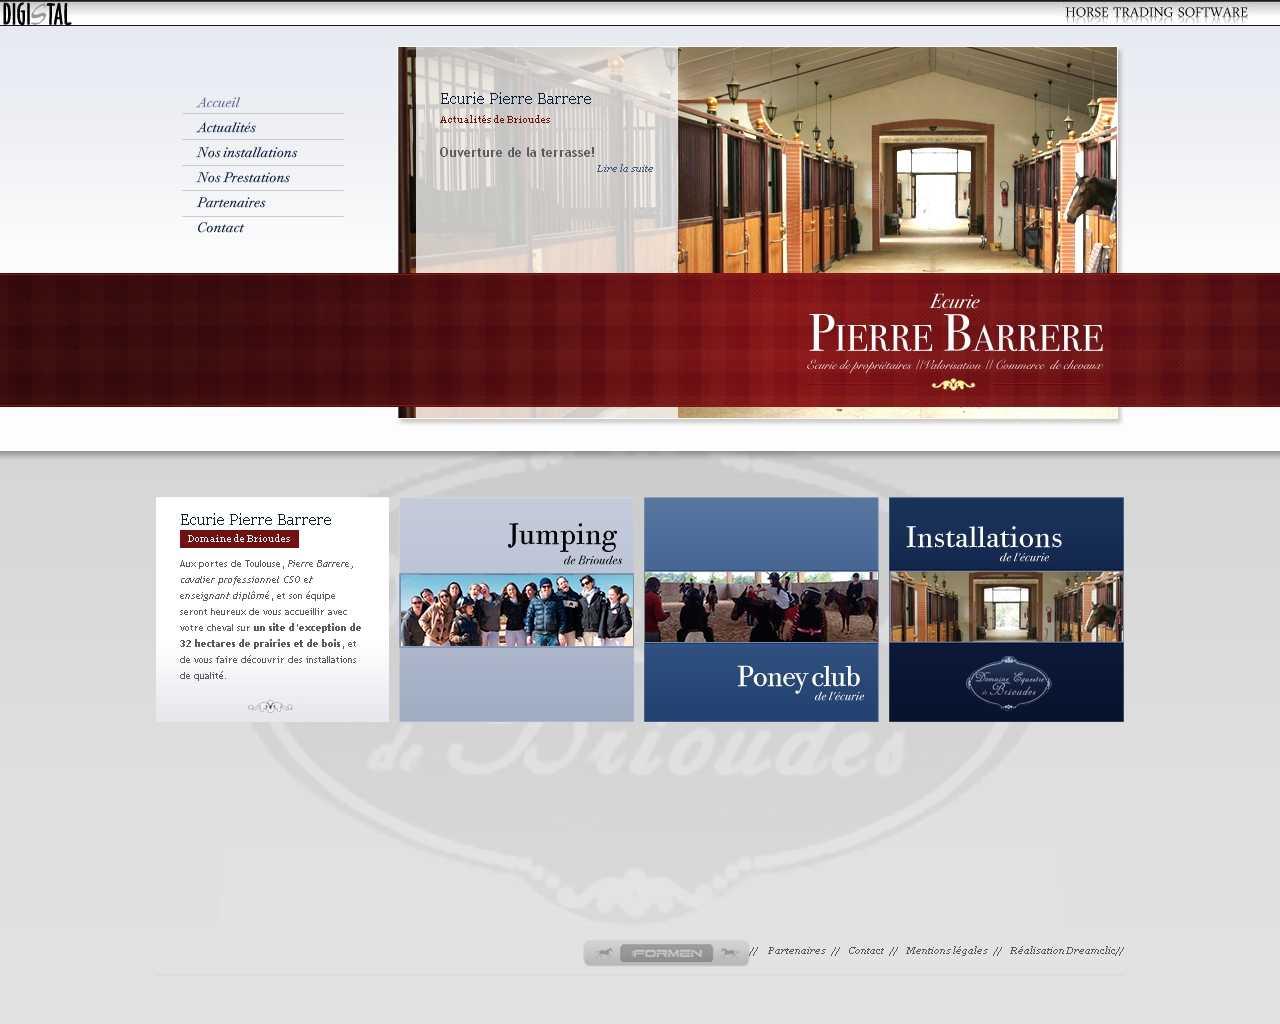 Visuel du site Ecurie Pierre Barrere